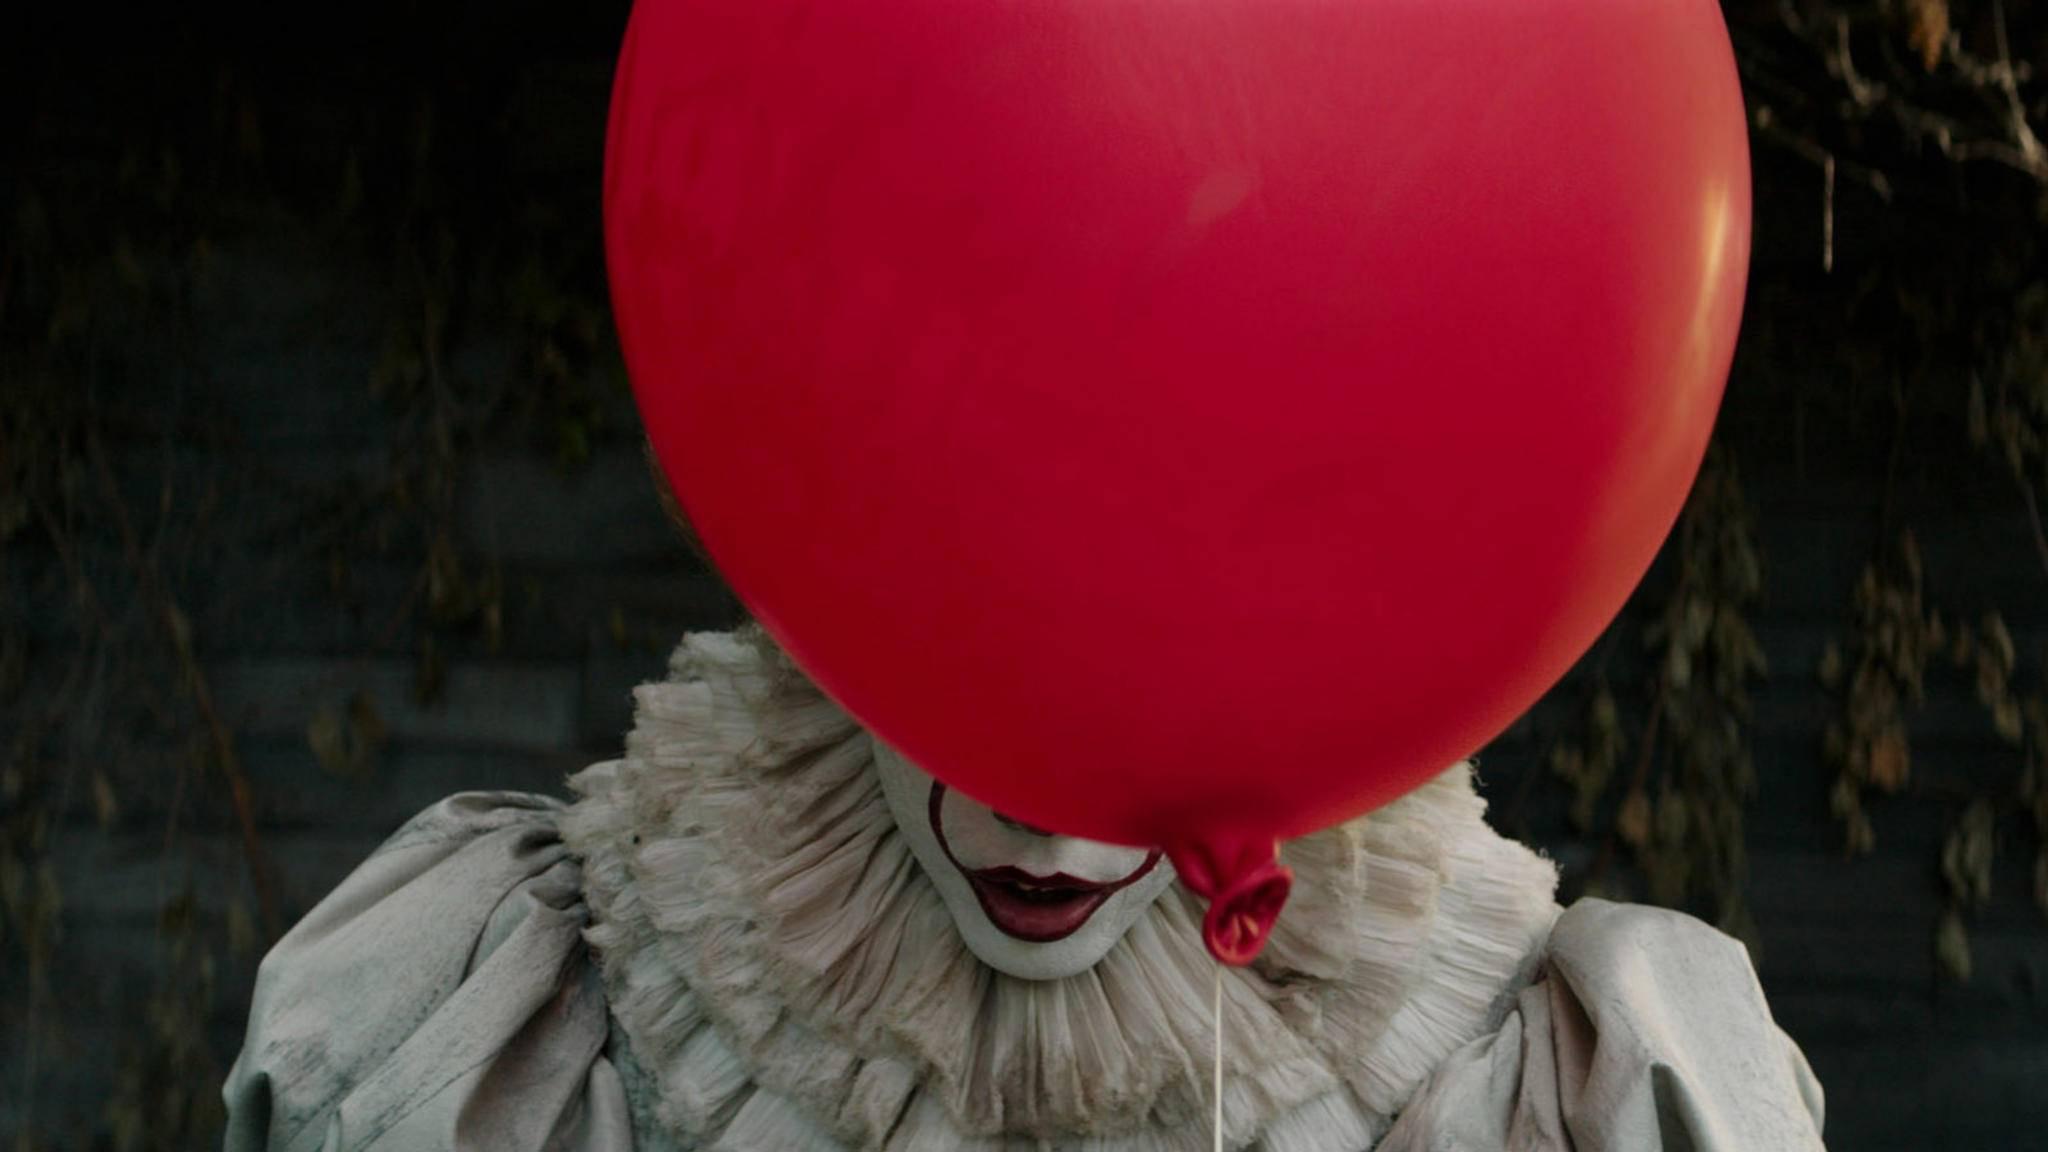 """Luftballon und Clownskostüm dürften dieses Halloween dominieren. Wer """"Es"""" etwas ausgefallener mag, sollte sich diese Liste zu Gemüte führen."""